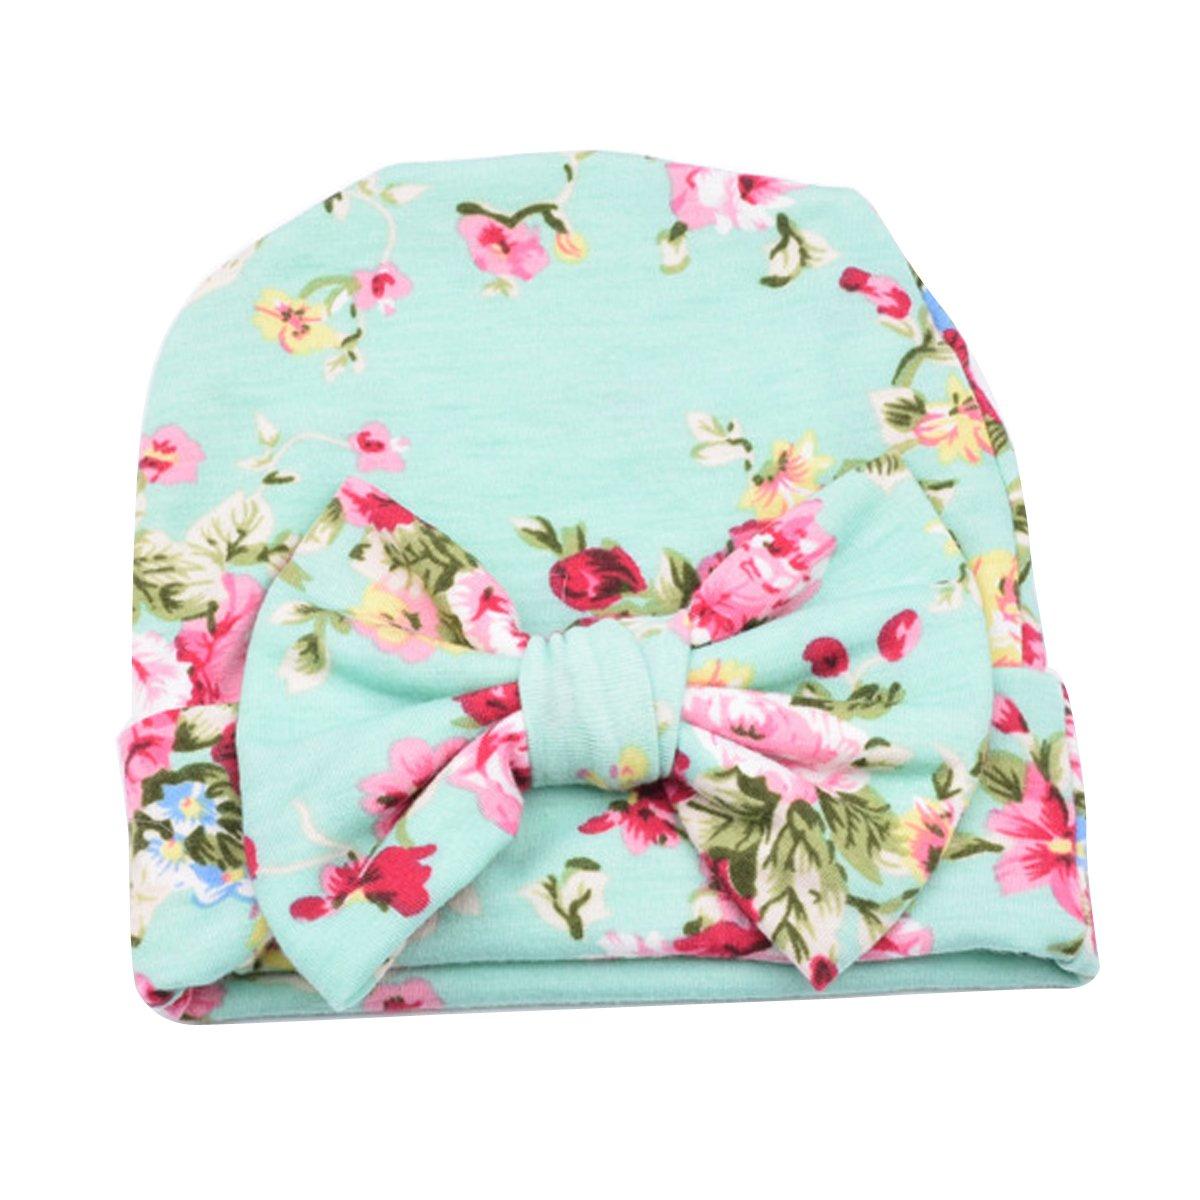 TININNA Bonnets Nouveau Né Coton Crochet Papillons Chapeau Unisexe Bébé  Garçon Fille Naissance Tricot Hat Cap 0-3 Mois Vert  Amazon.fr  Hygiène et  Soins du ... 04631080666